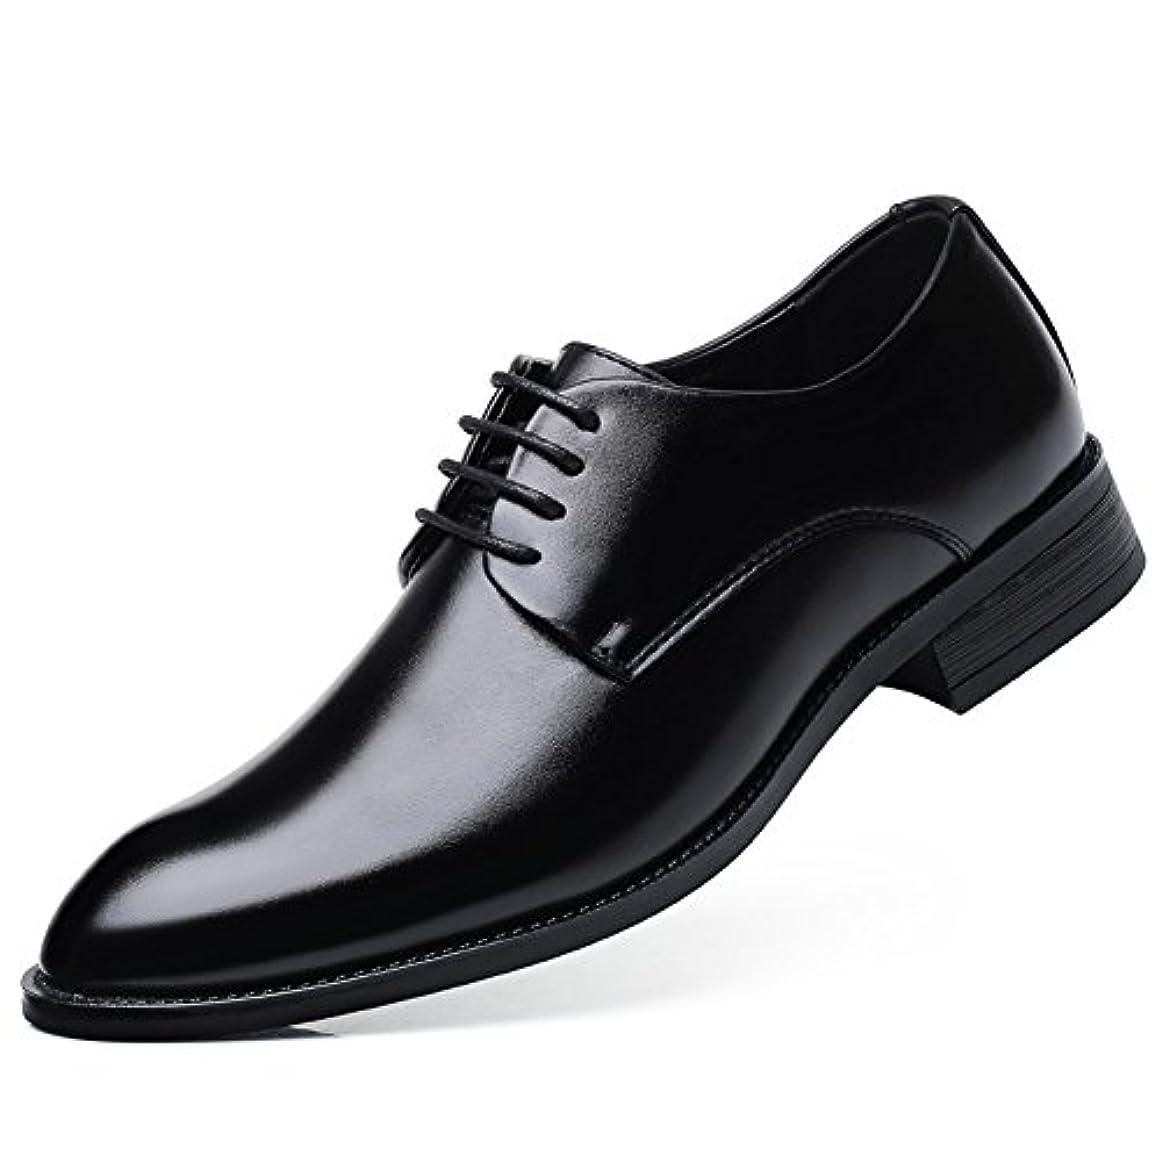 ブルームヘルメットベッドを作るVisionreast ビジネスシューズ メンズ 外羽根 革靴 リーガル 黒 ストレートチップ レースアップ 紳士靴 営業マン 通勤 防滑